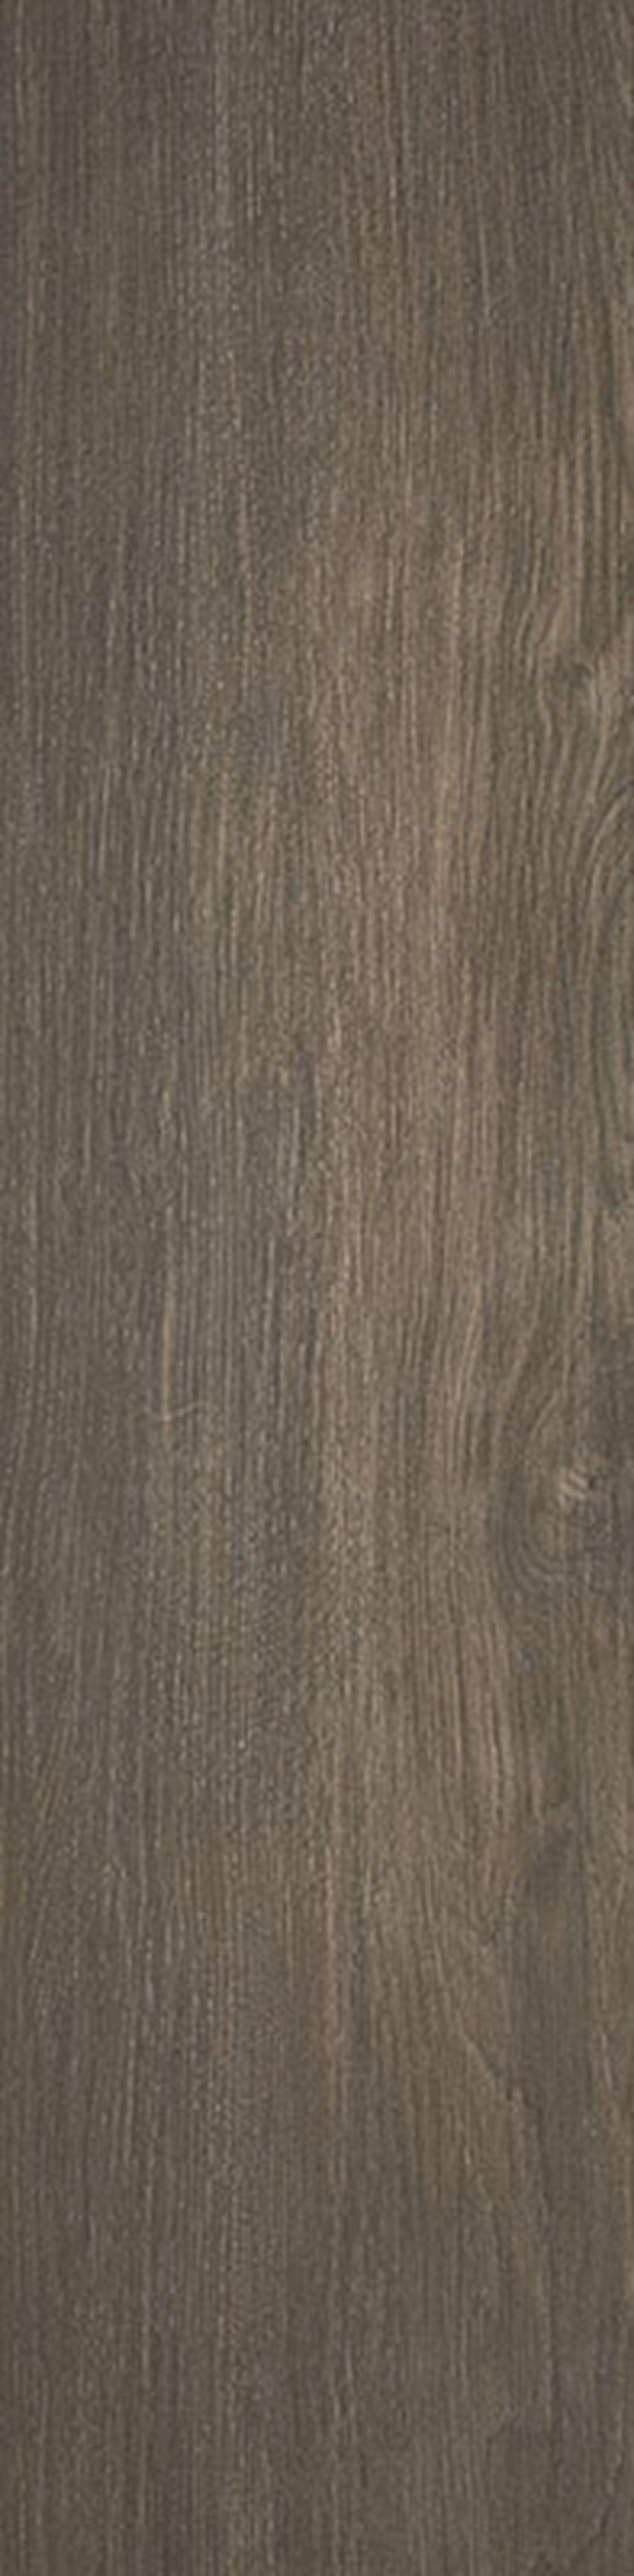 Płytka ścienno-podłogowa 29,5x119,5 cm Paradyż Willow Brown Płyta Tarasowa 2.0